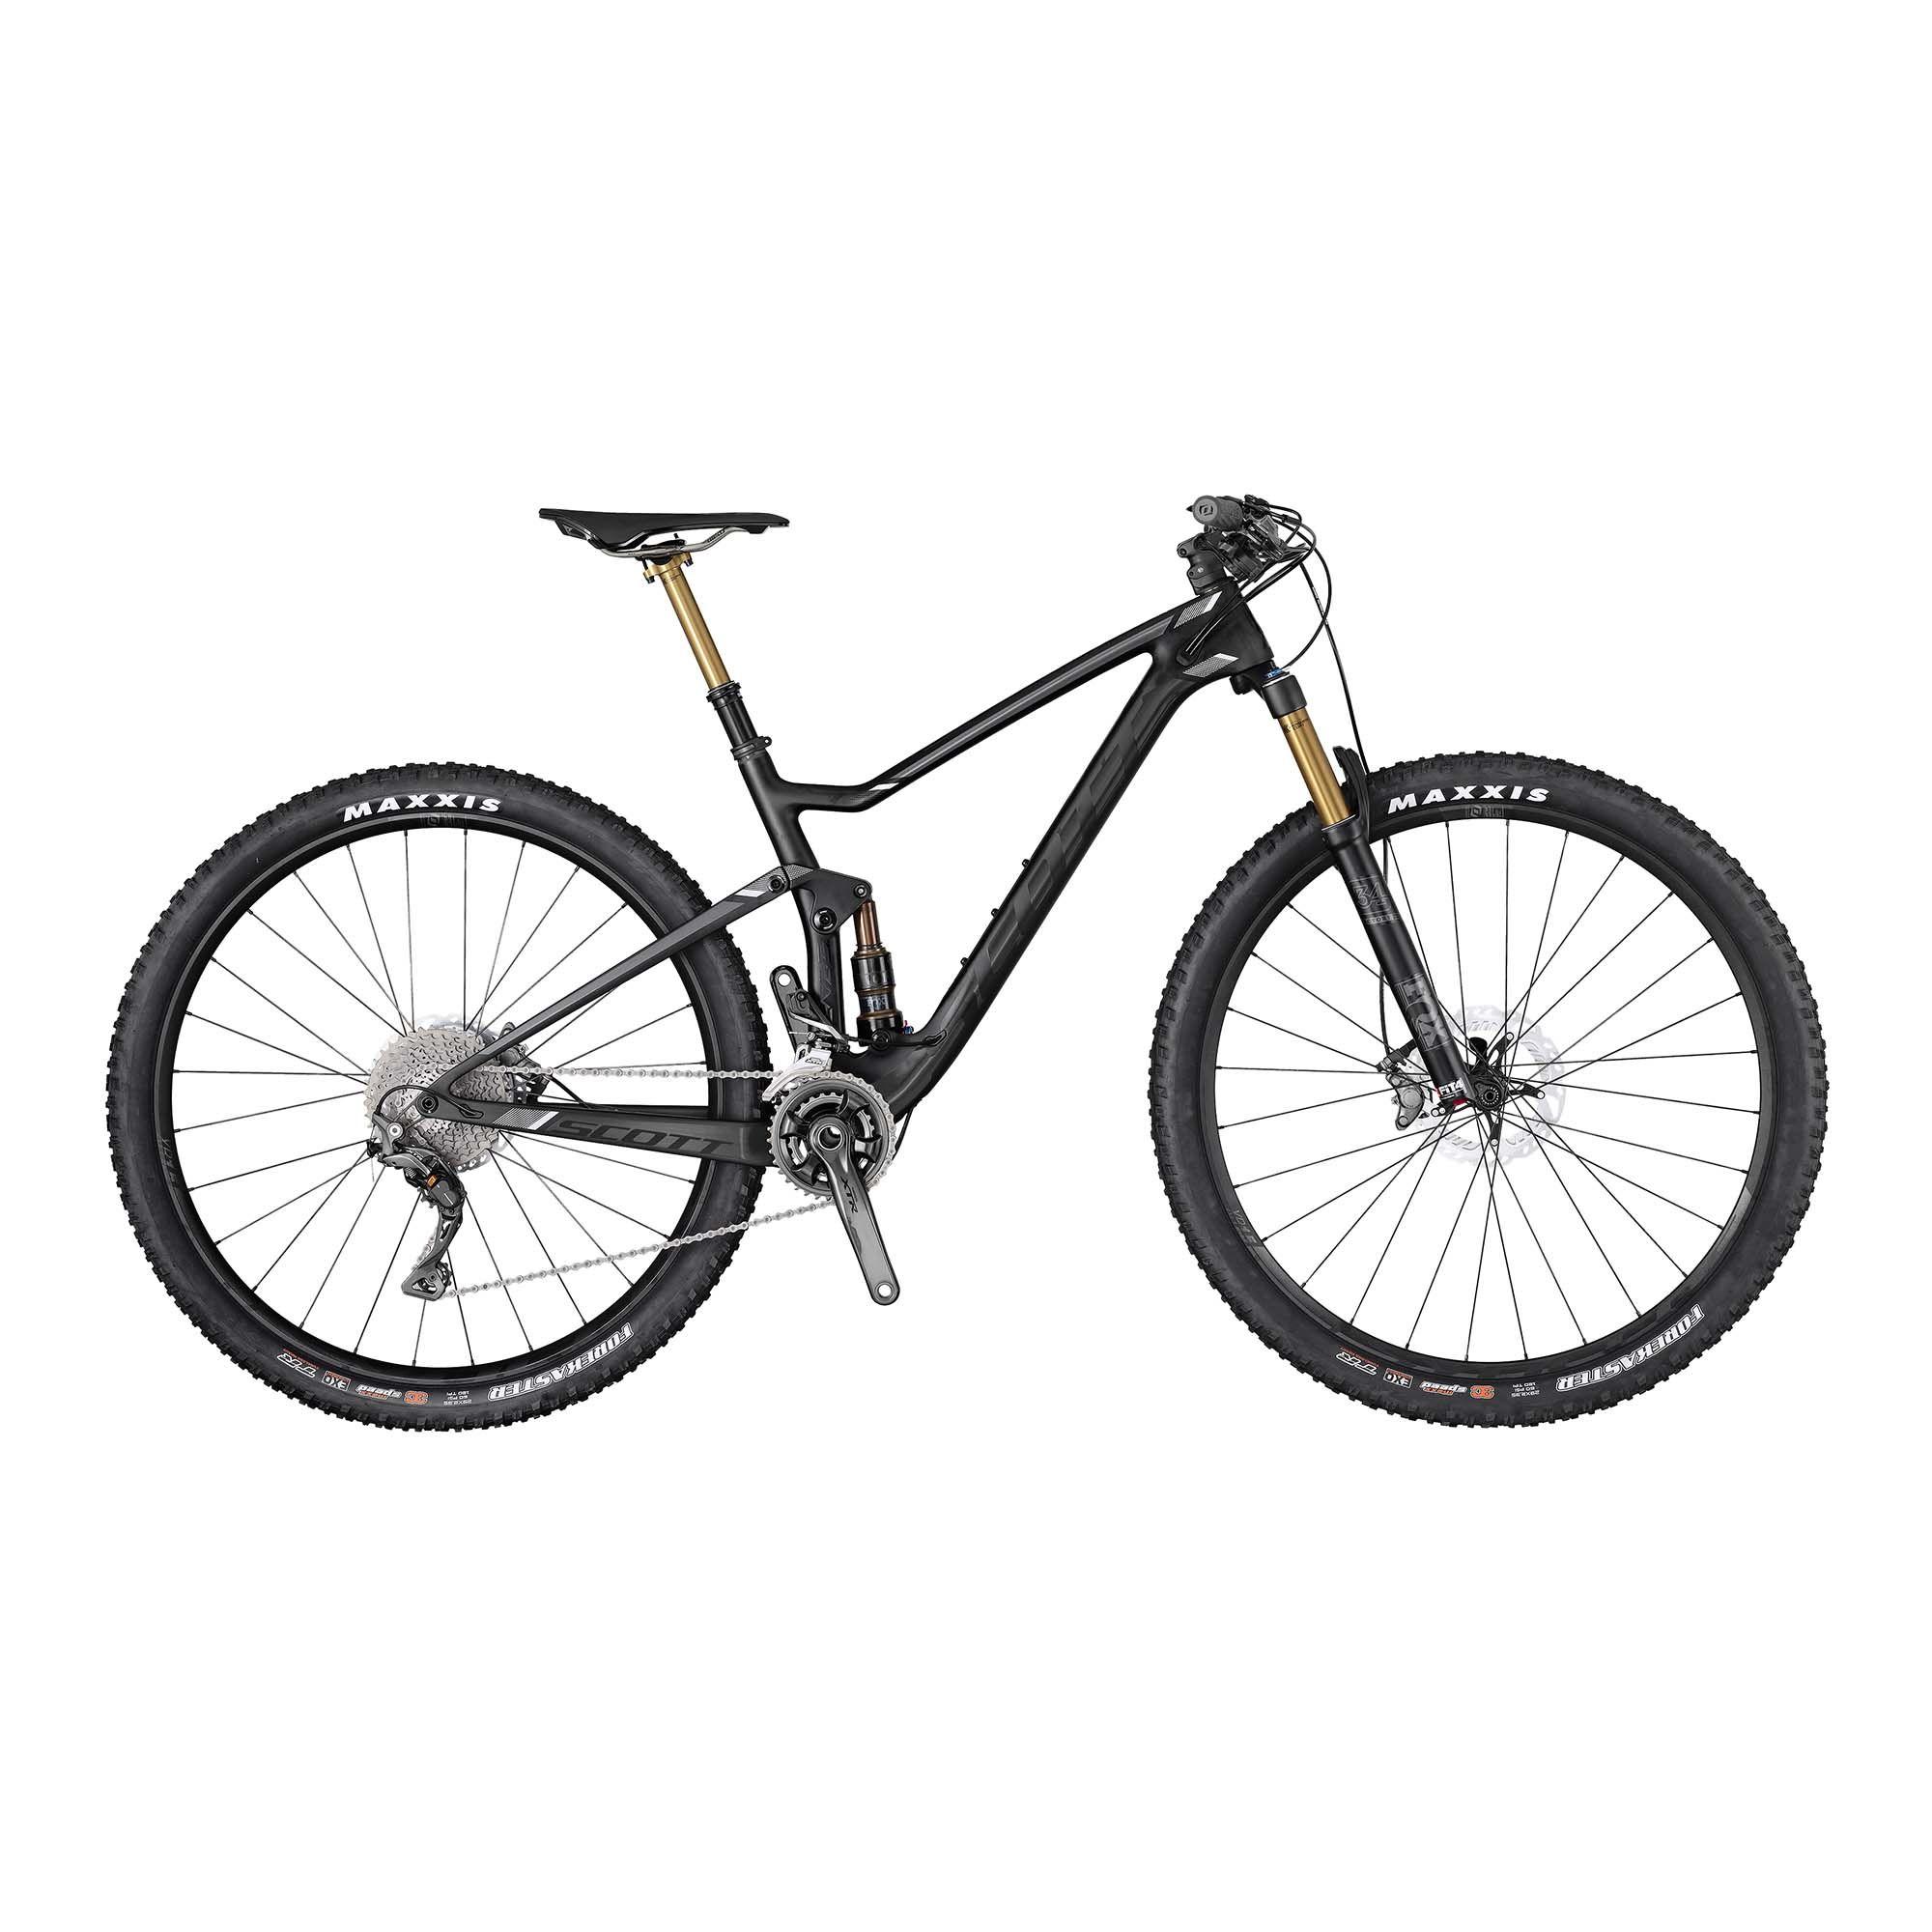 Scott Spark 700 Premium 27.5 Nearly New L 2017